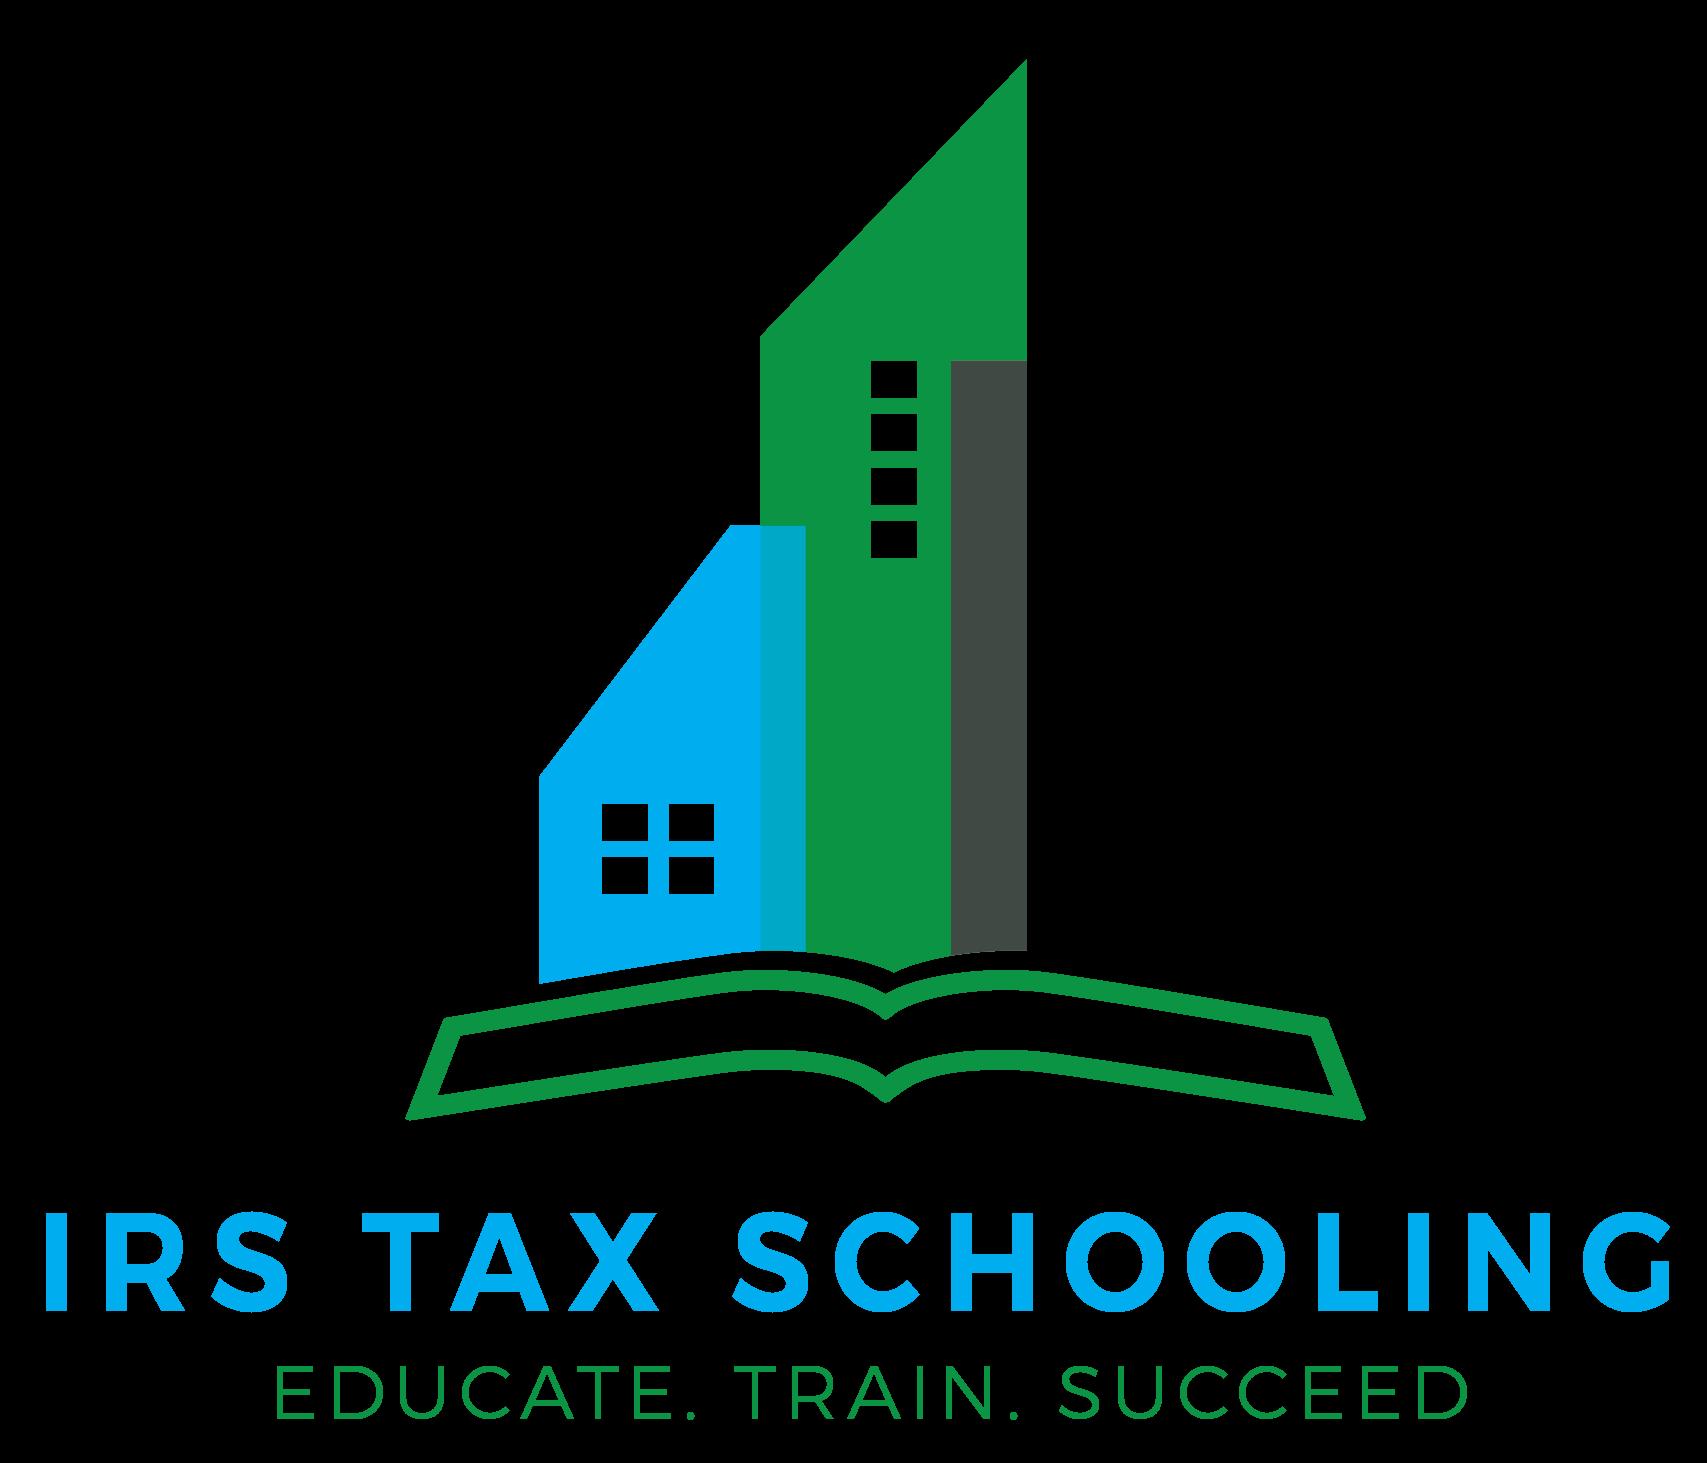 IRS Tax Schooling